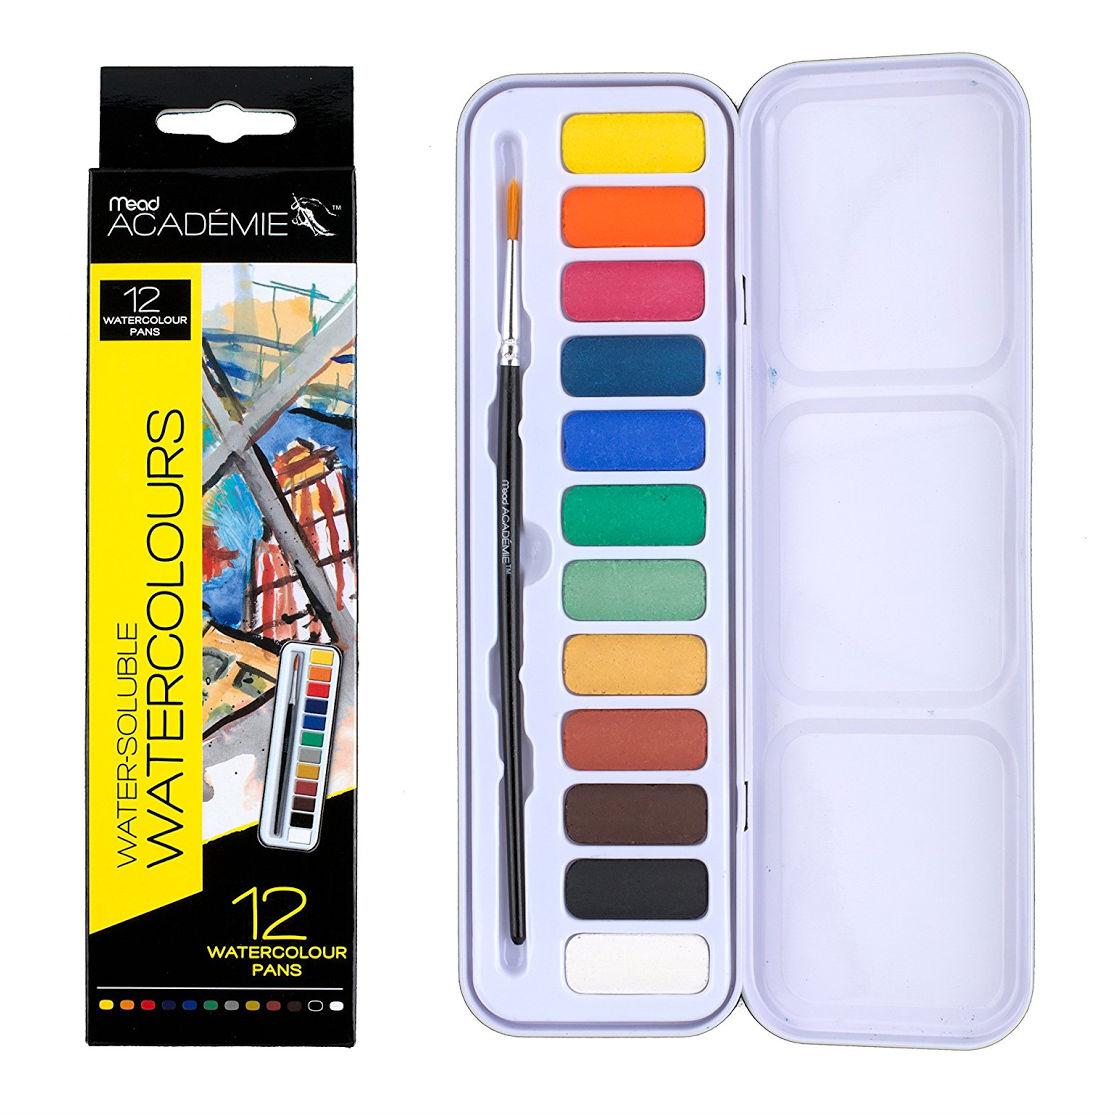 Mead Academie Watercolor Pan Set, 12 Colors